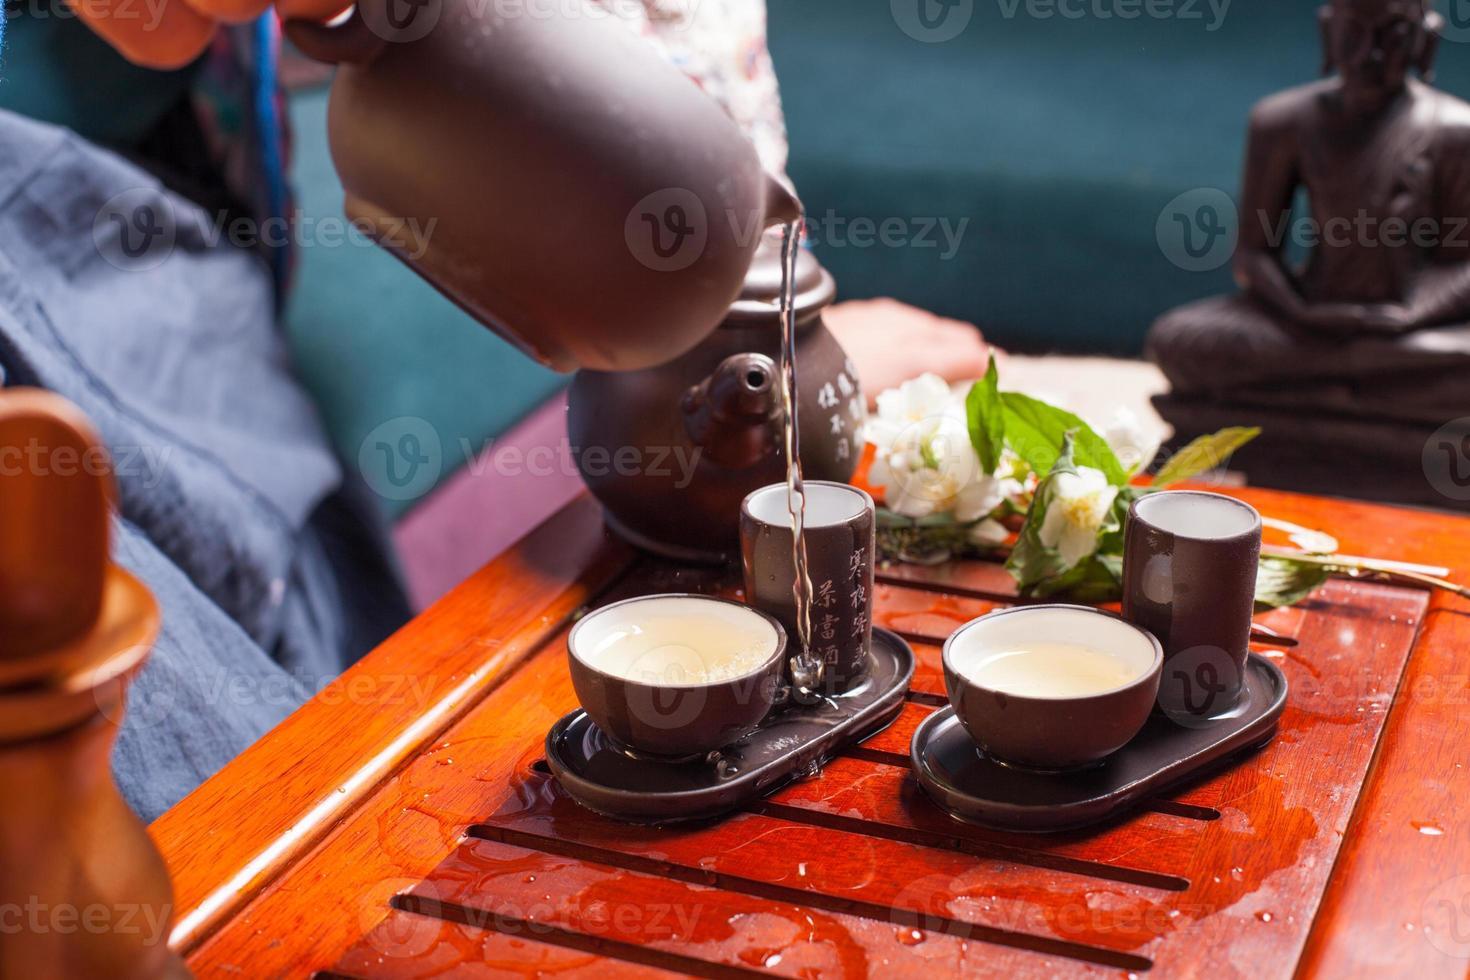 ceremonia del té chino foto